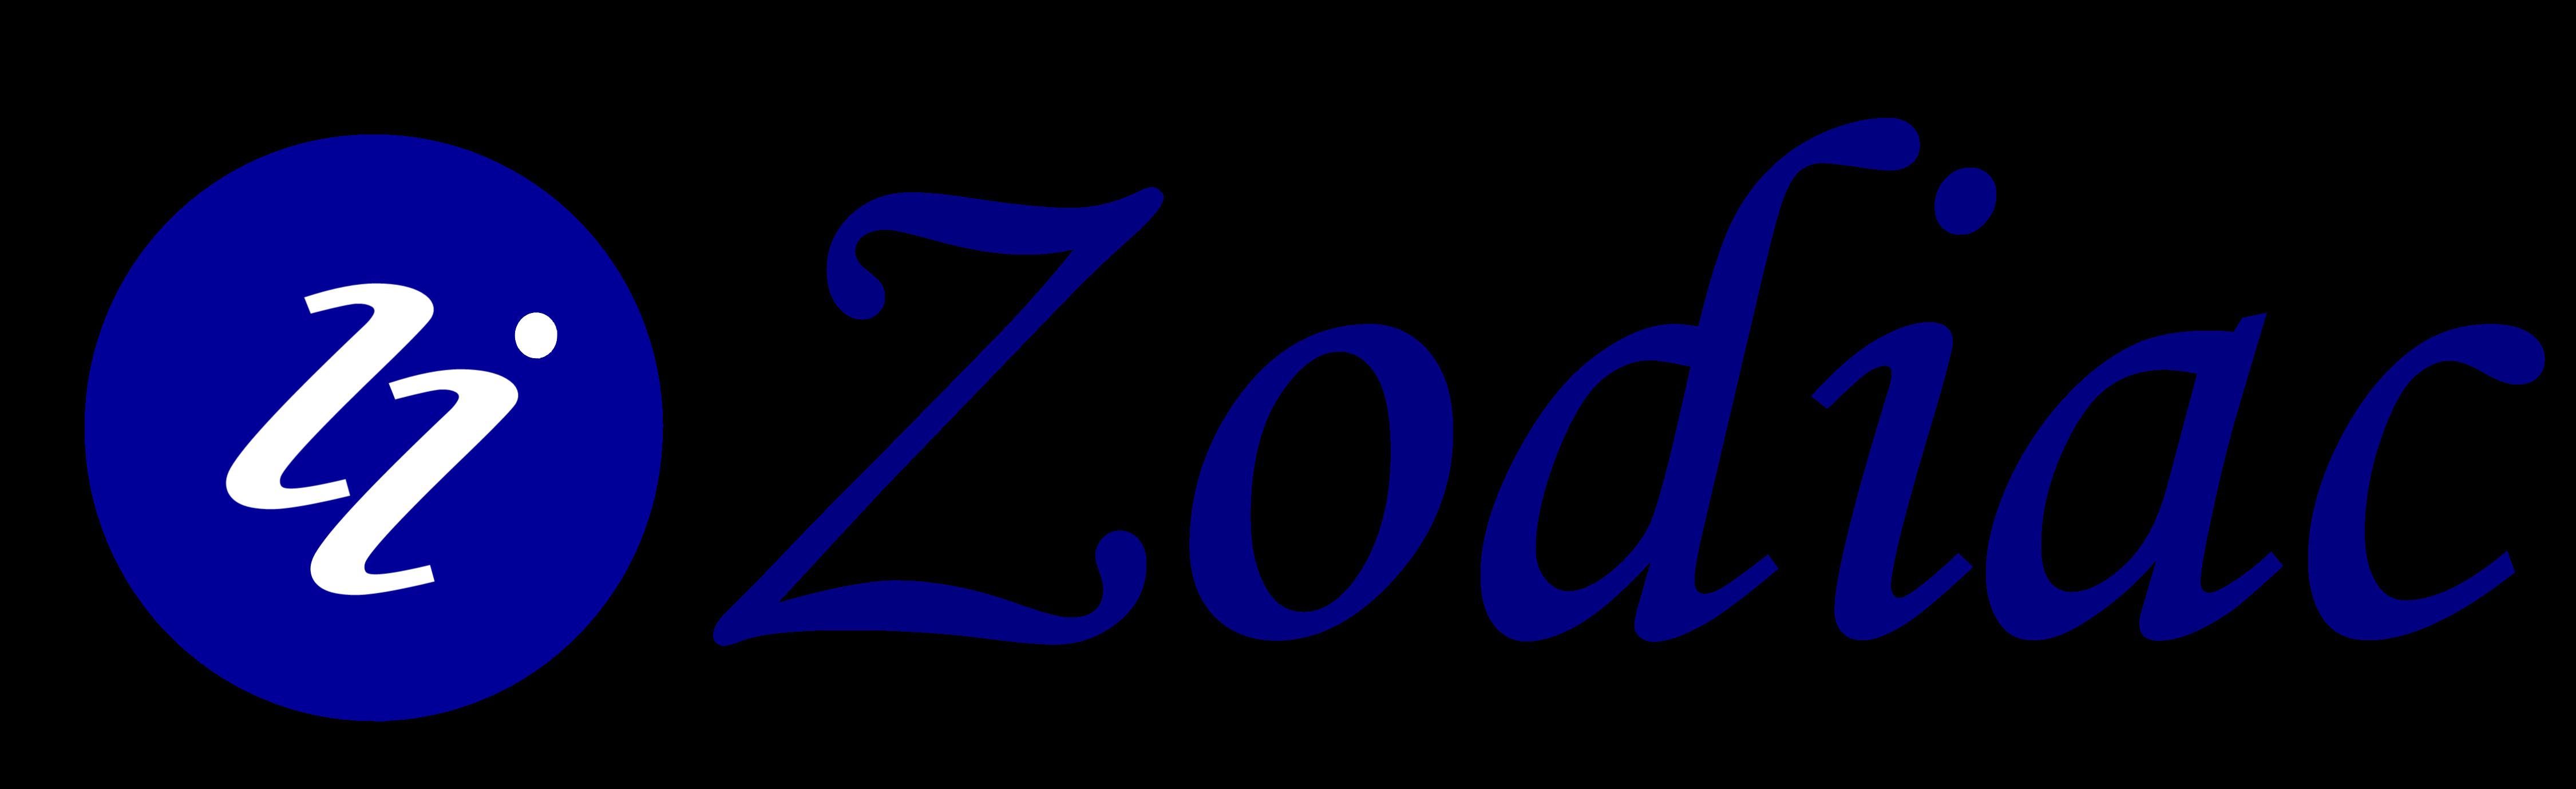 Zodiac, Inc.